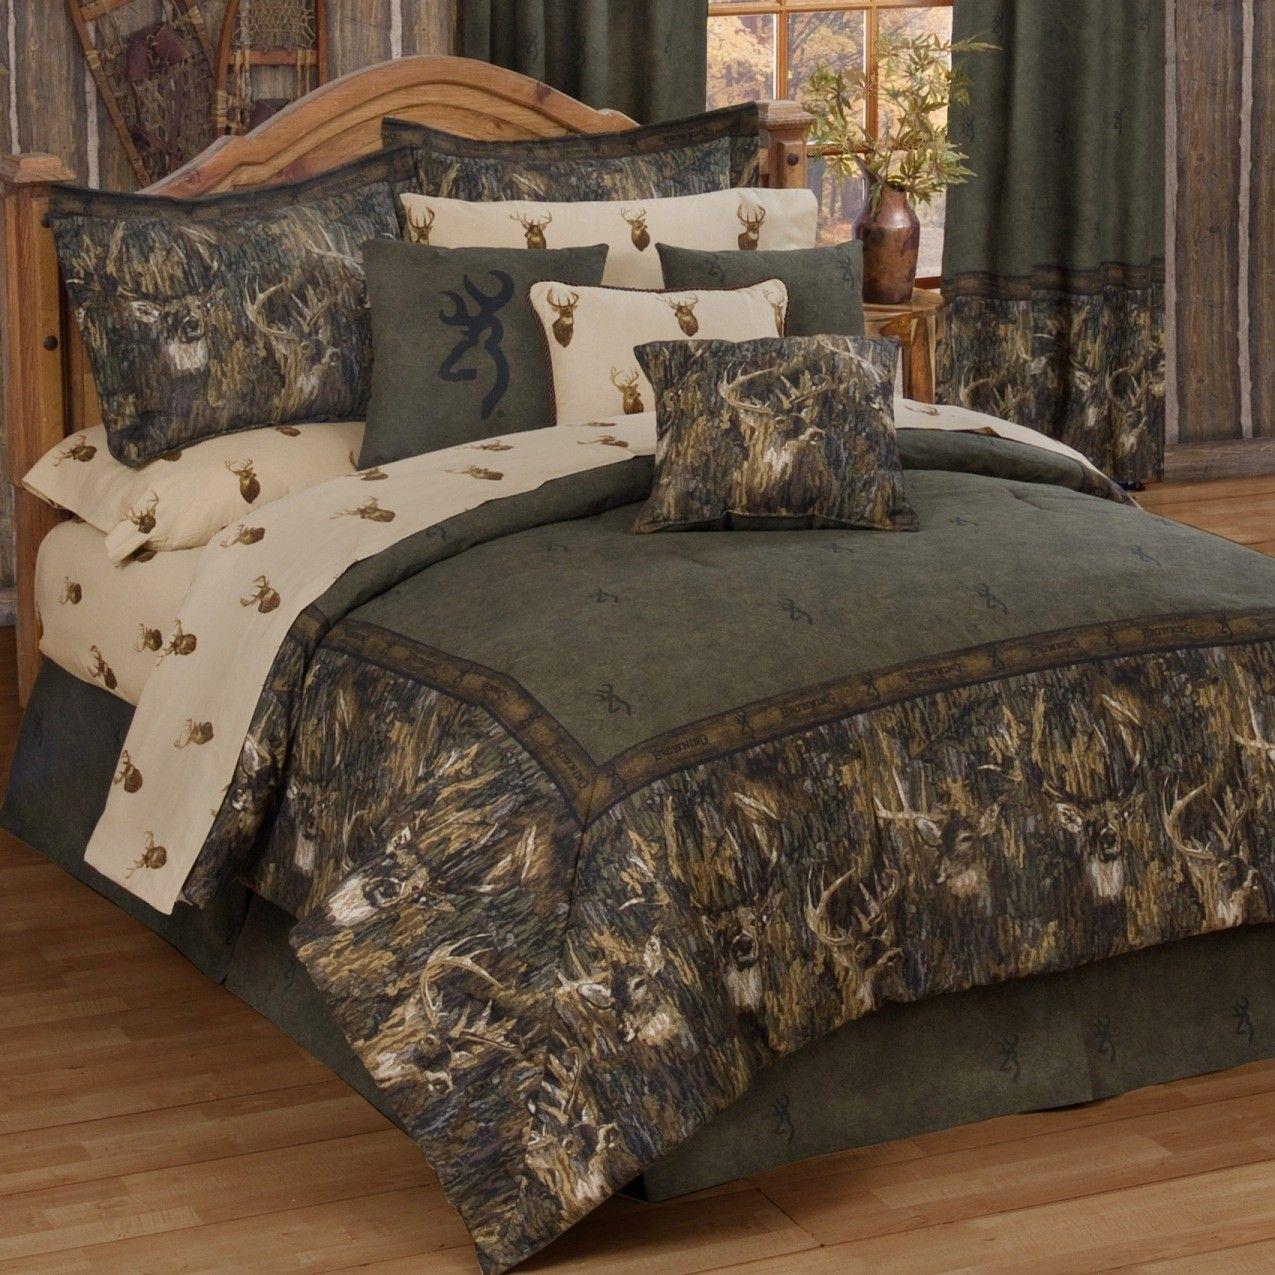 Browning Whitetails Bedding Comforter Sets Home Full Comforter Sets